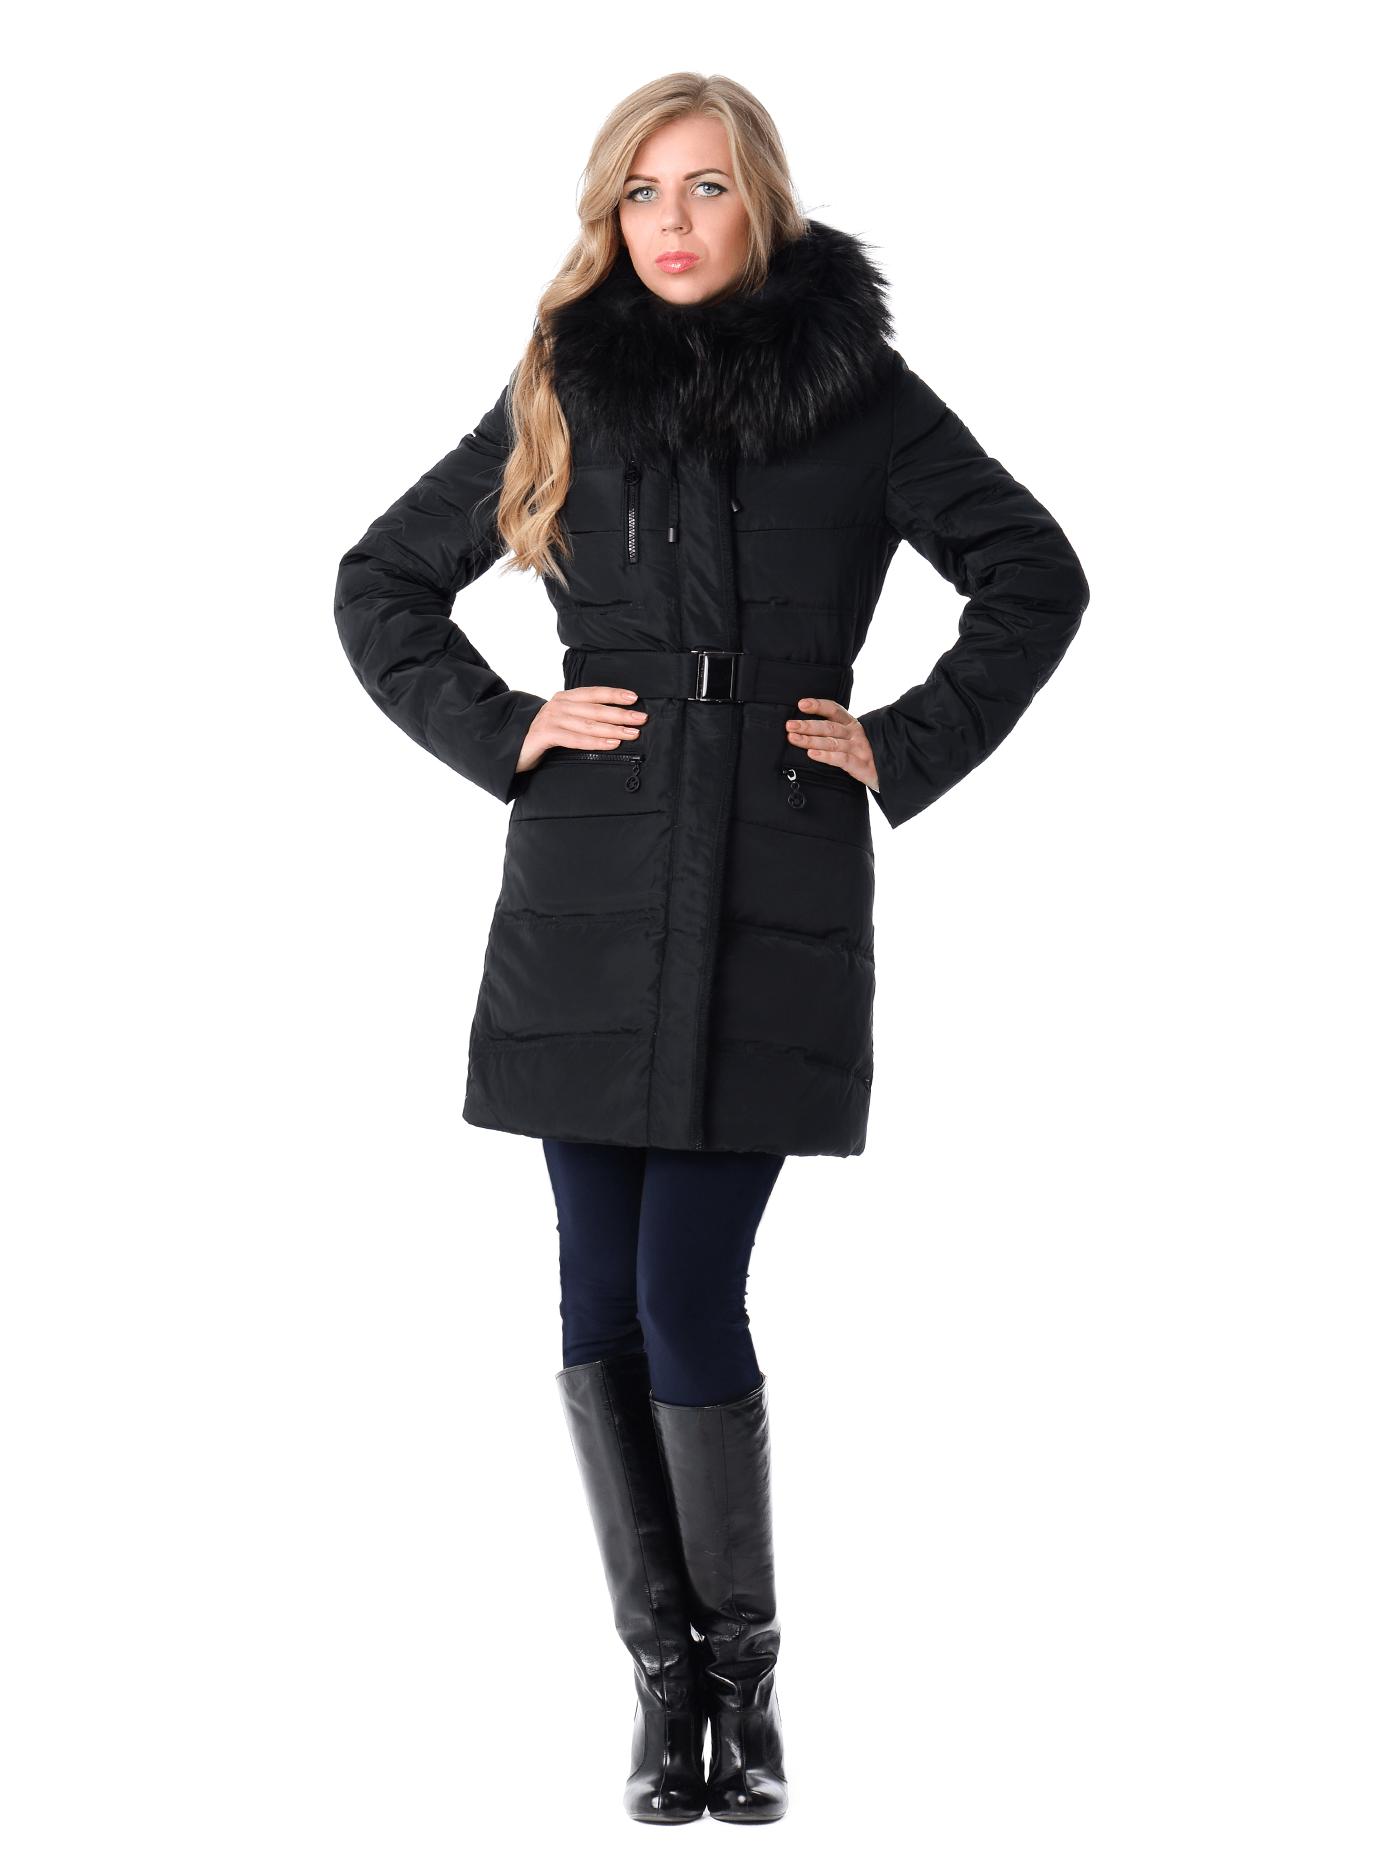 Пуховик зимний с поясом и мехом енота Чёрный S (01-RR16041): фото - Alster.ua